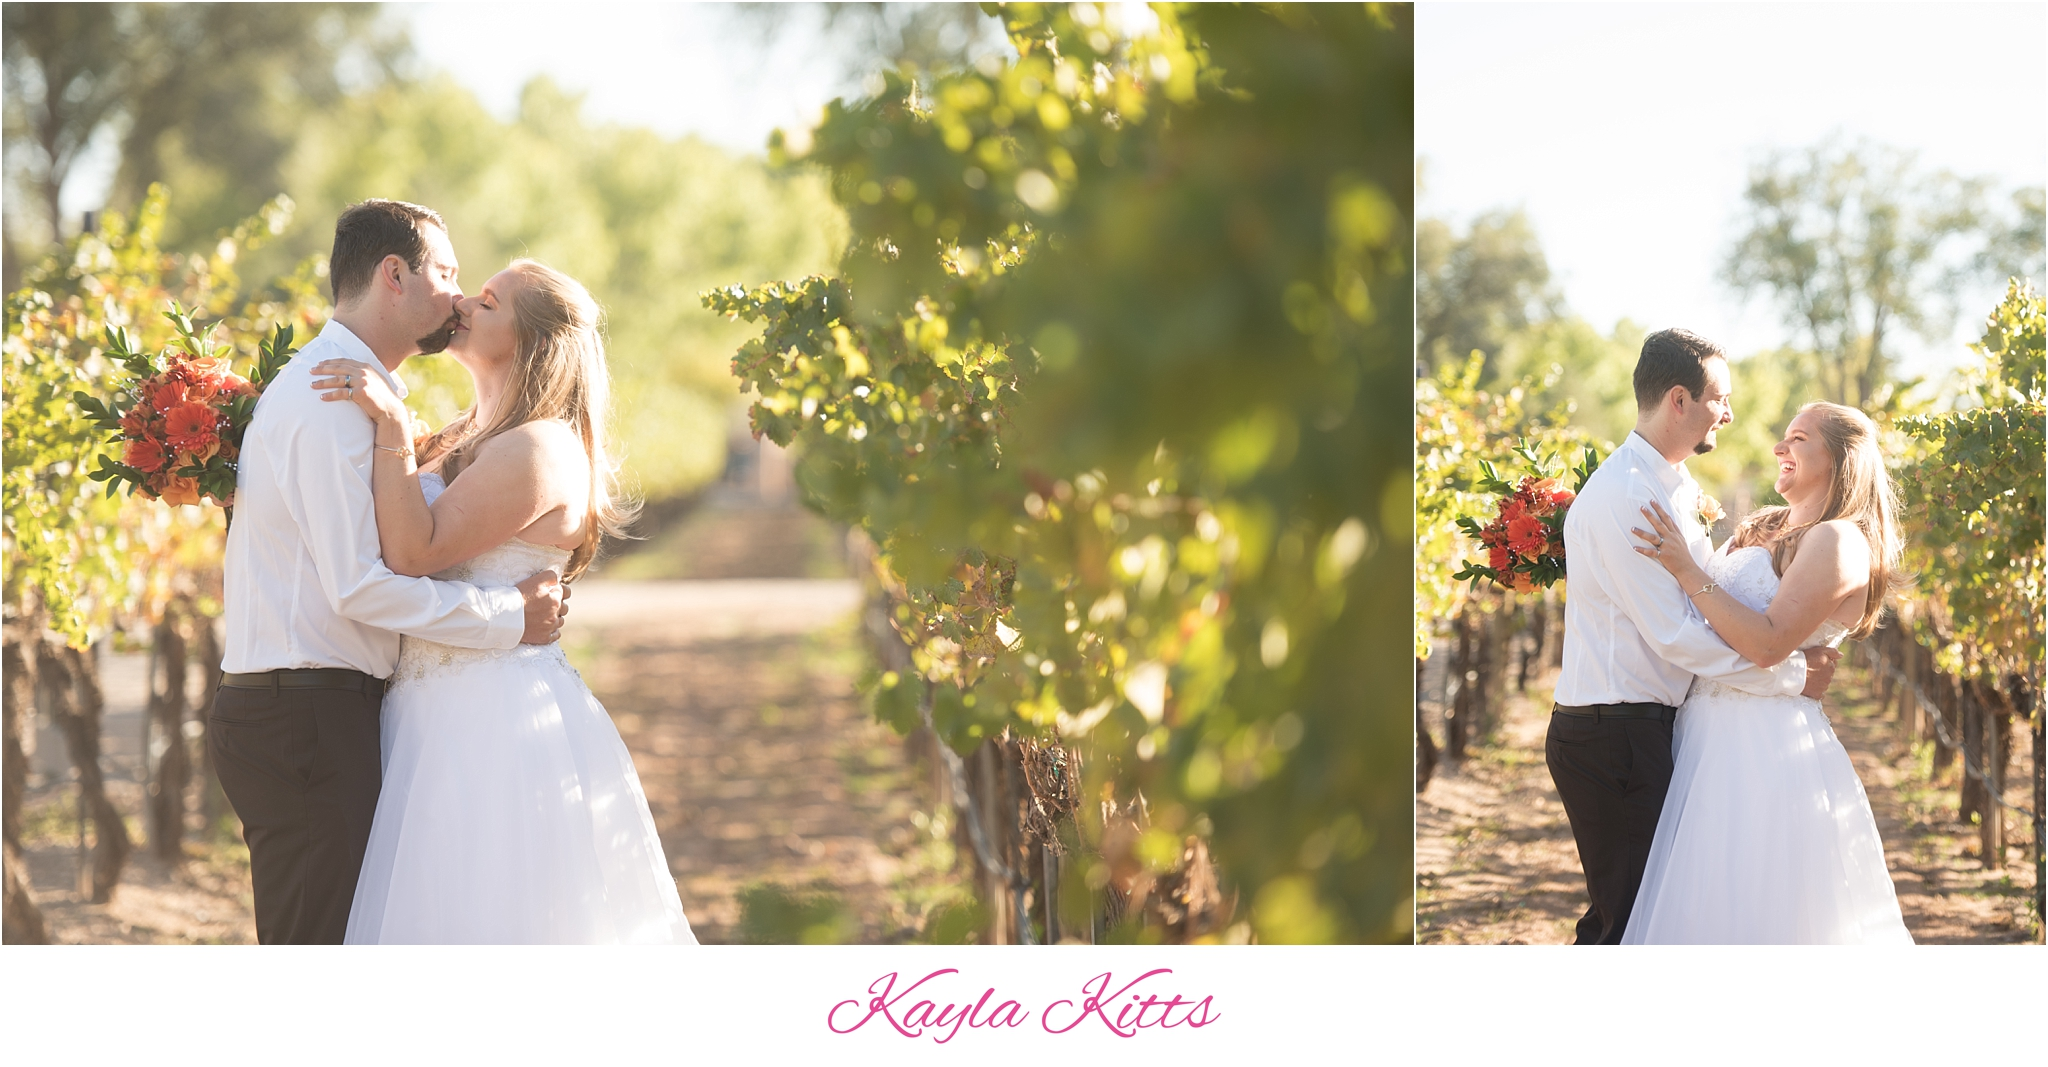 kayla kitts photography - albuquerque wedding photographer - albuquerque wedding photography - albuquerque venue - casa rondena - casa rondea wedding - new mexico wedding photographer_0015.jpg